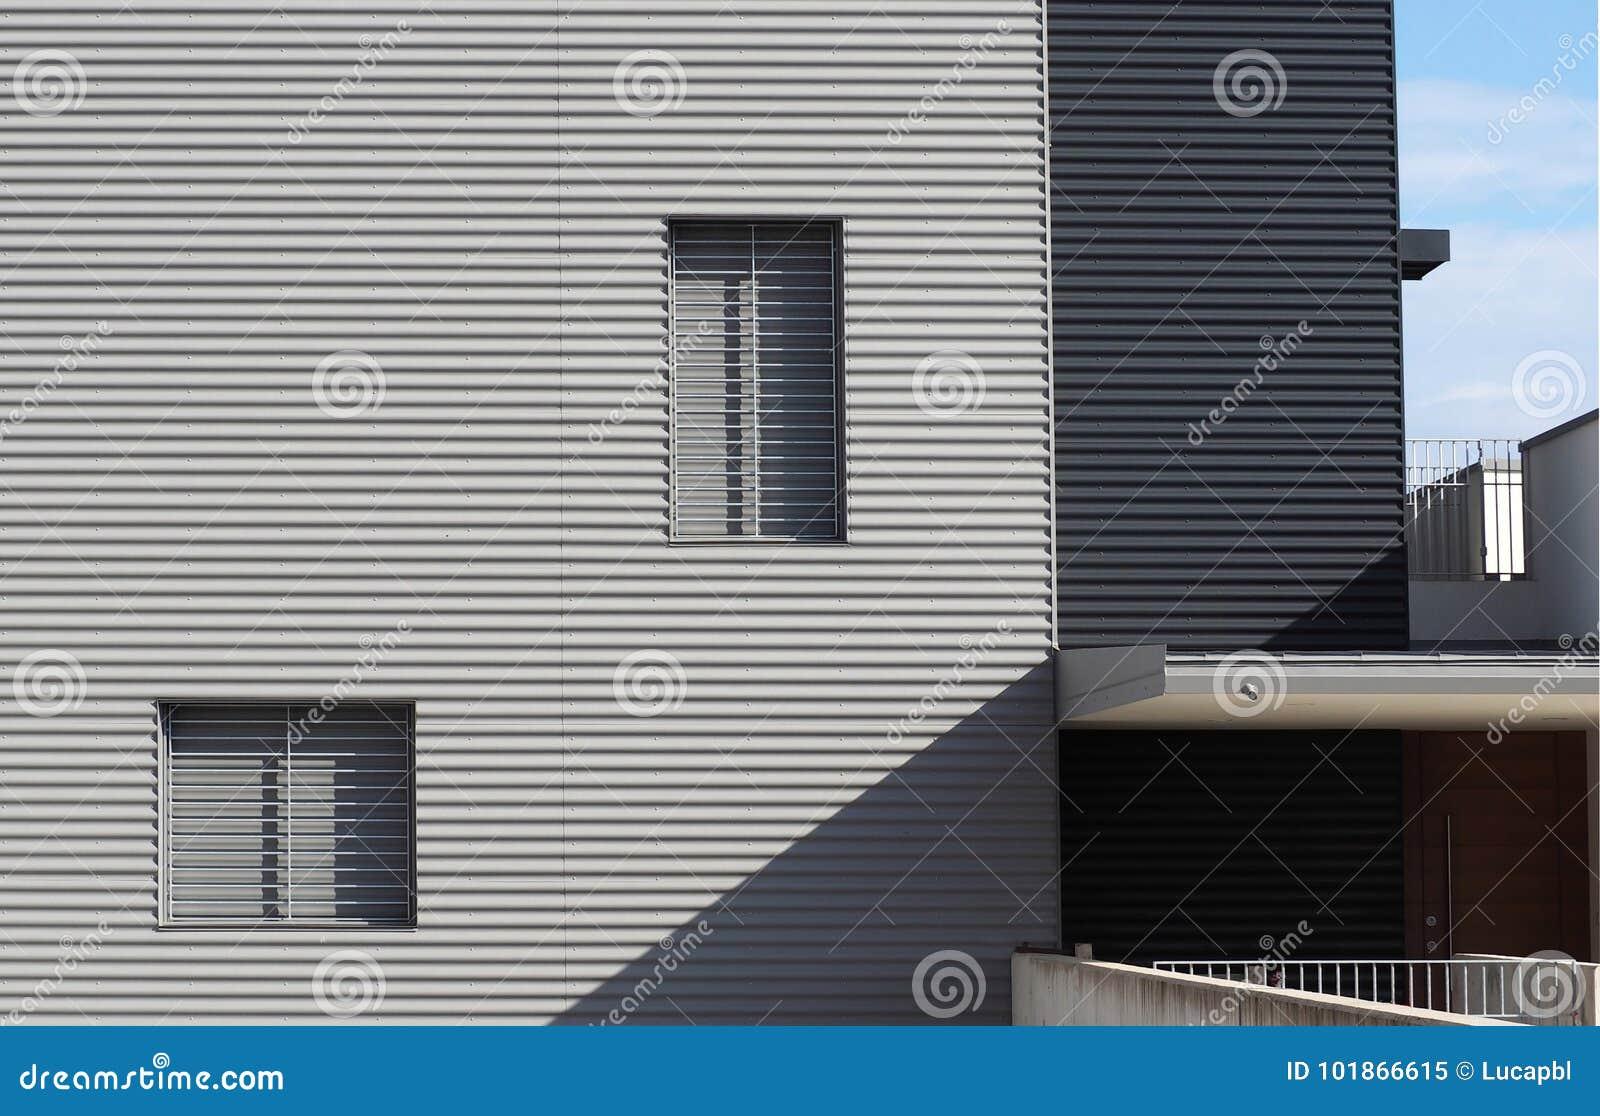 Rivestimenti Casa Moderna : Rivestimento di alluminio su una facciata di una casa moderna di